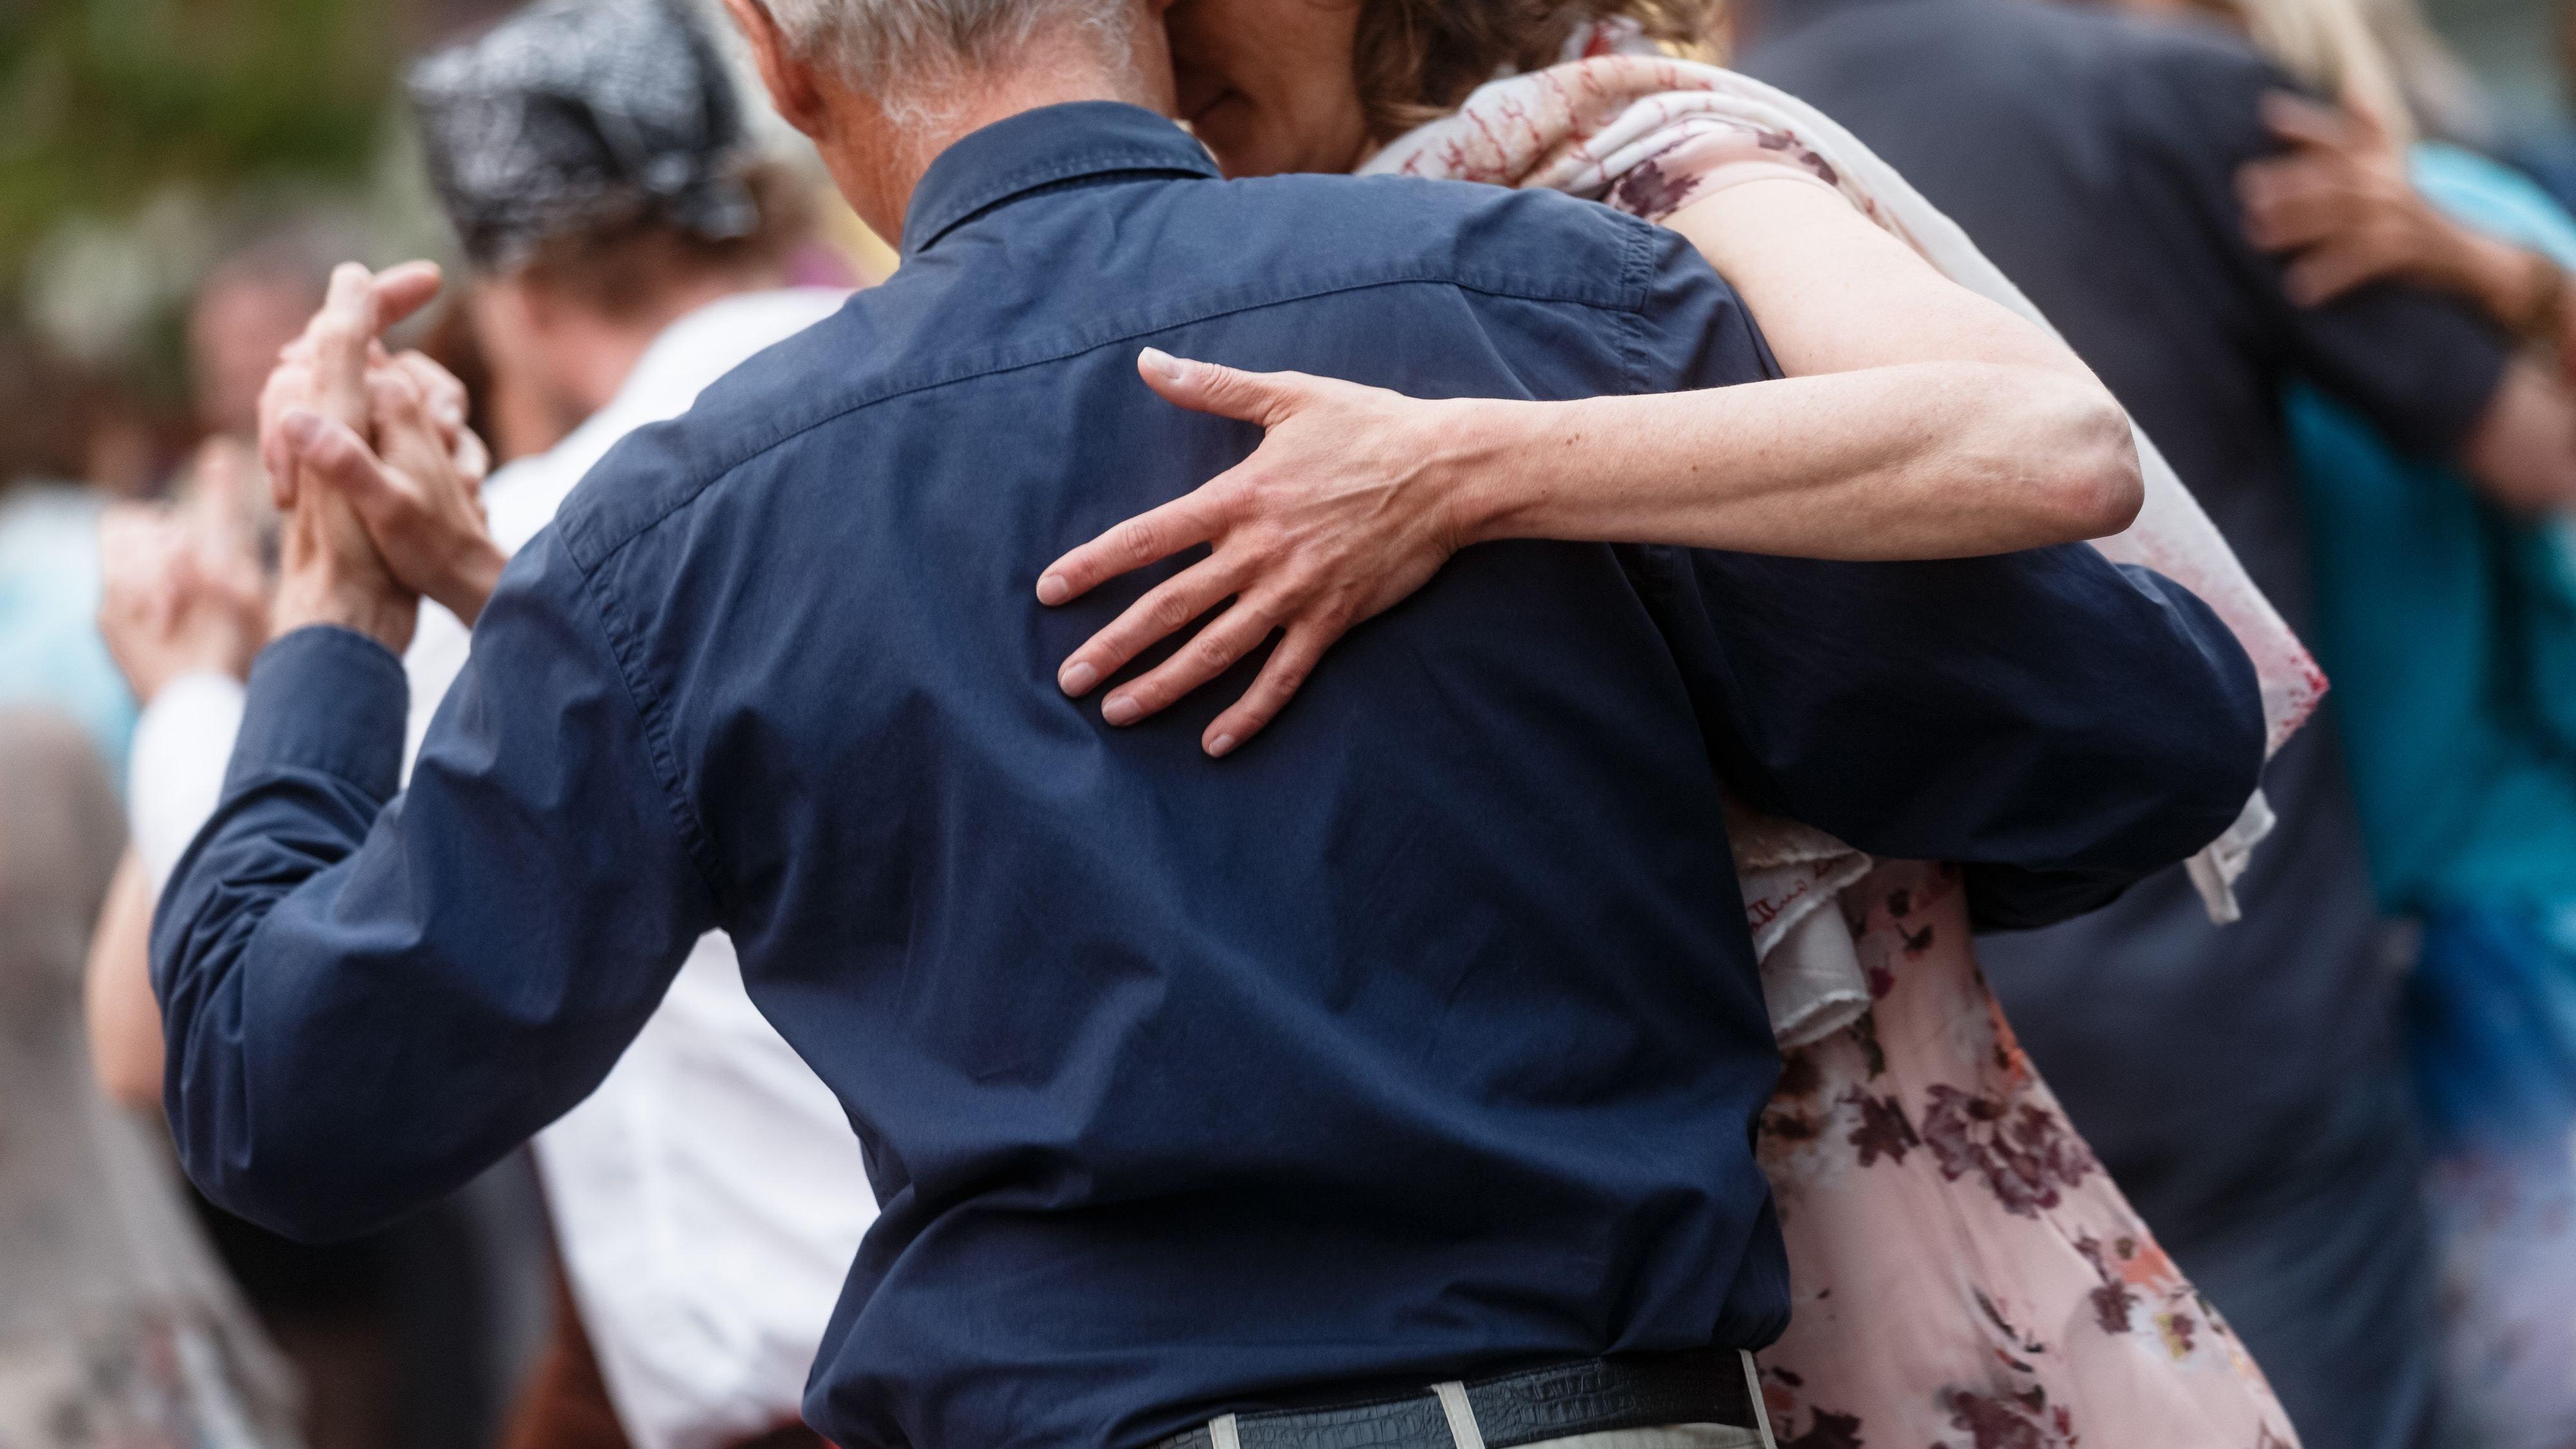 Bis ins hohe Alter möglich: Tanzen ist mit den verschiedensten Rhythmen, Figuren und Drehungen verbunden. Foto: dpa/Scholz